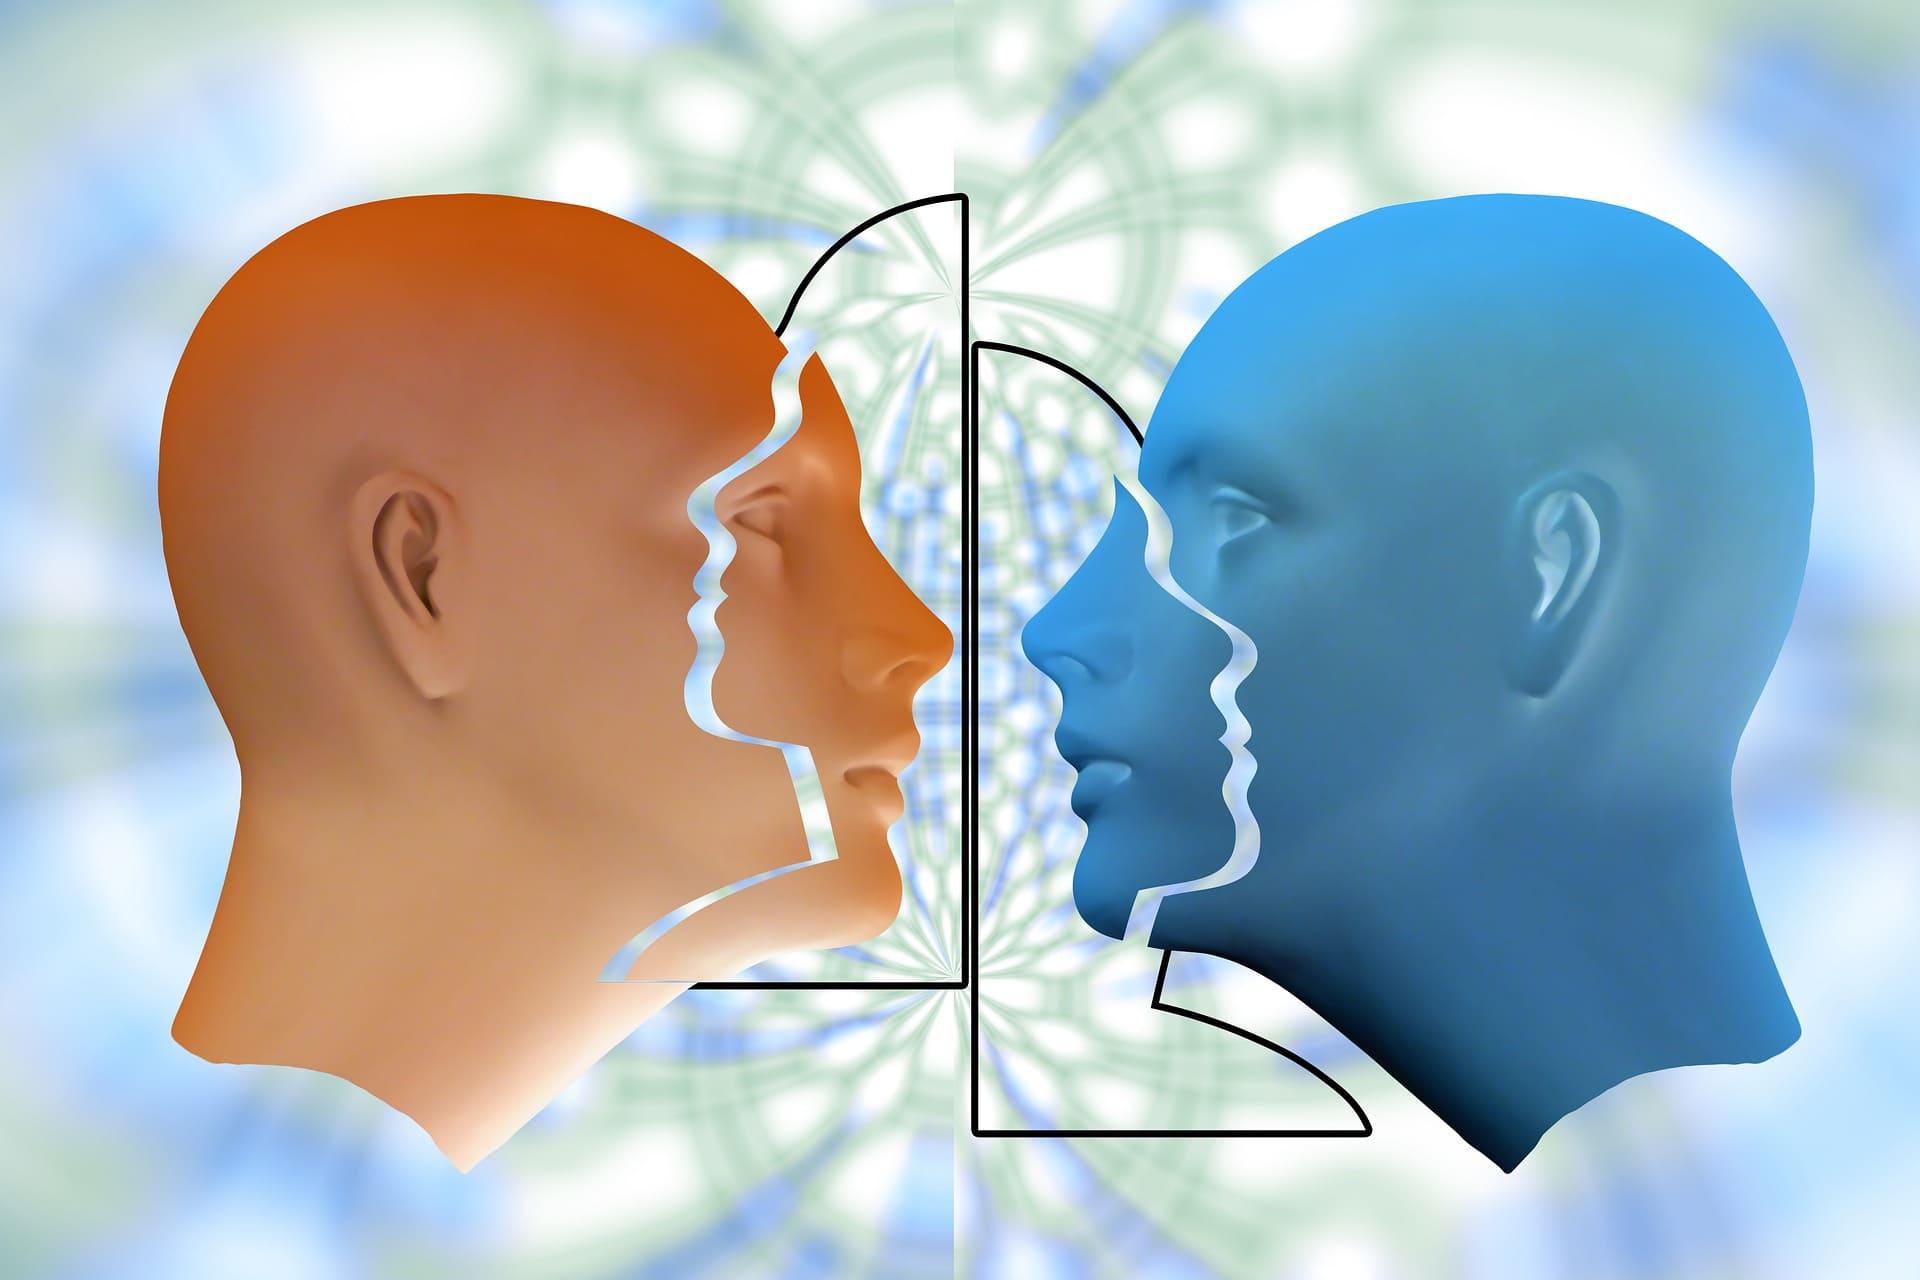 Equívocos e Confusões. 5 mitos sobre Mindfulness